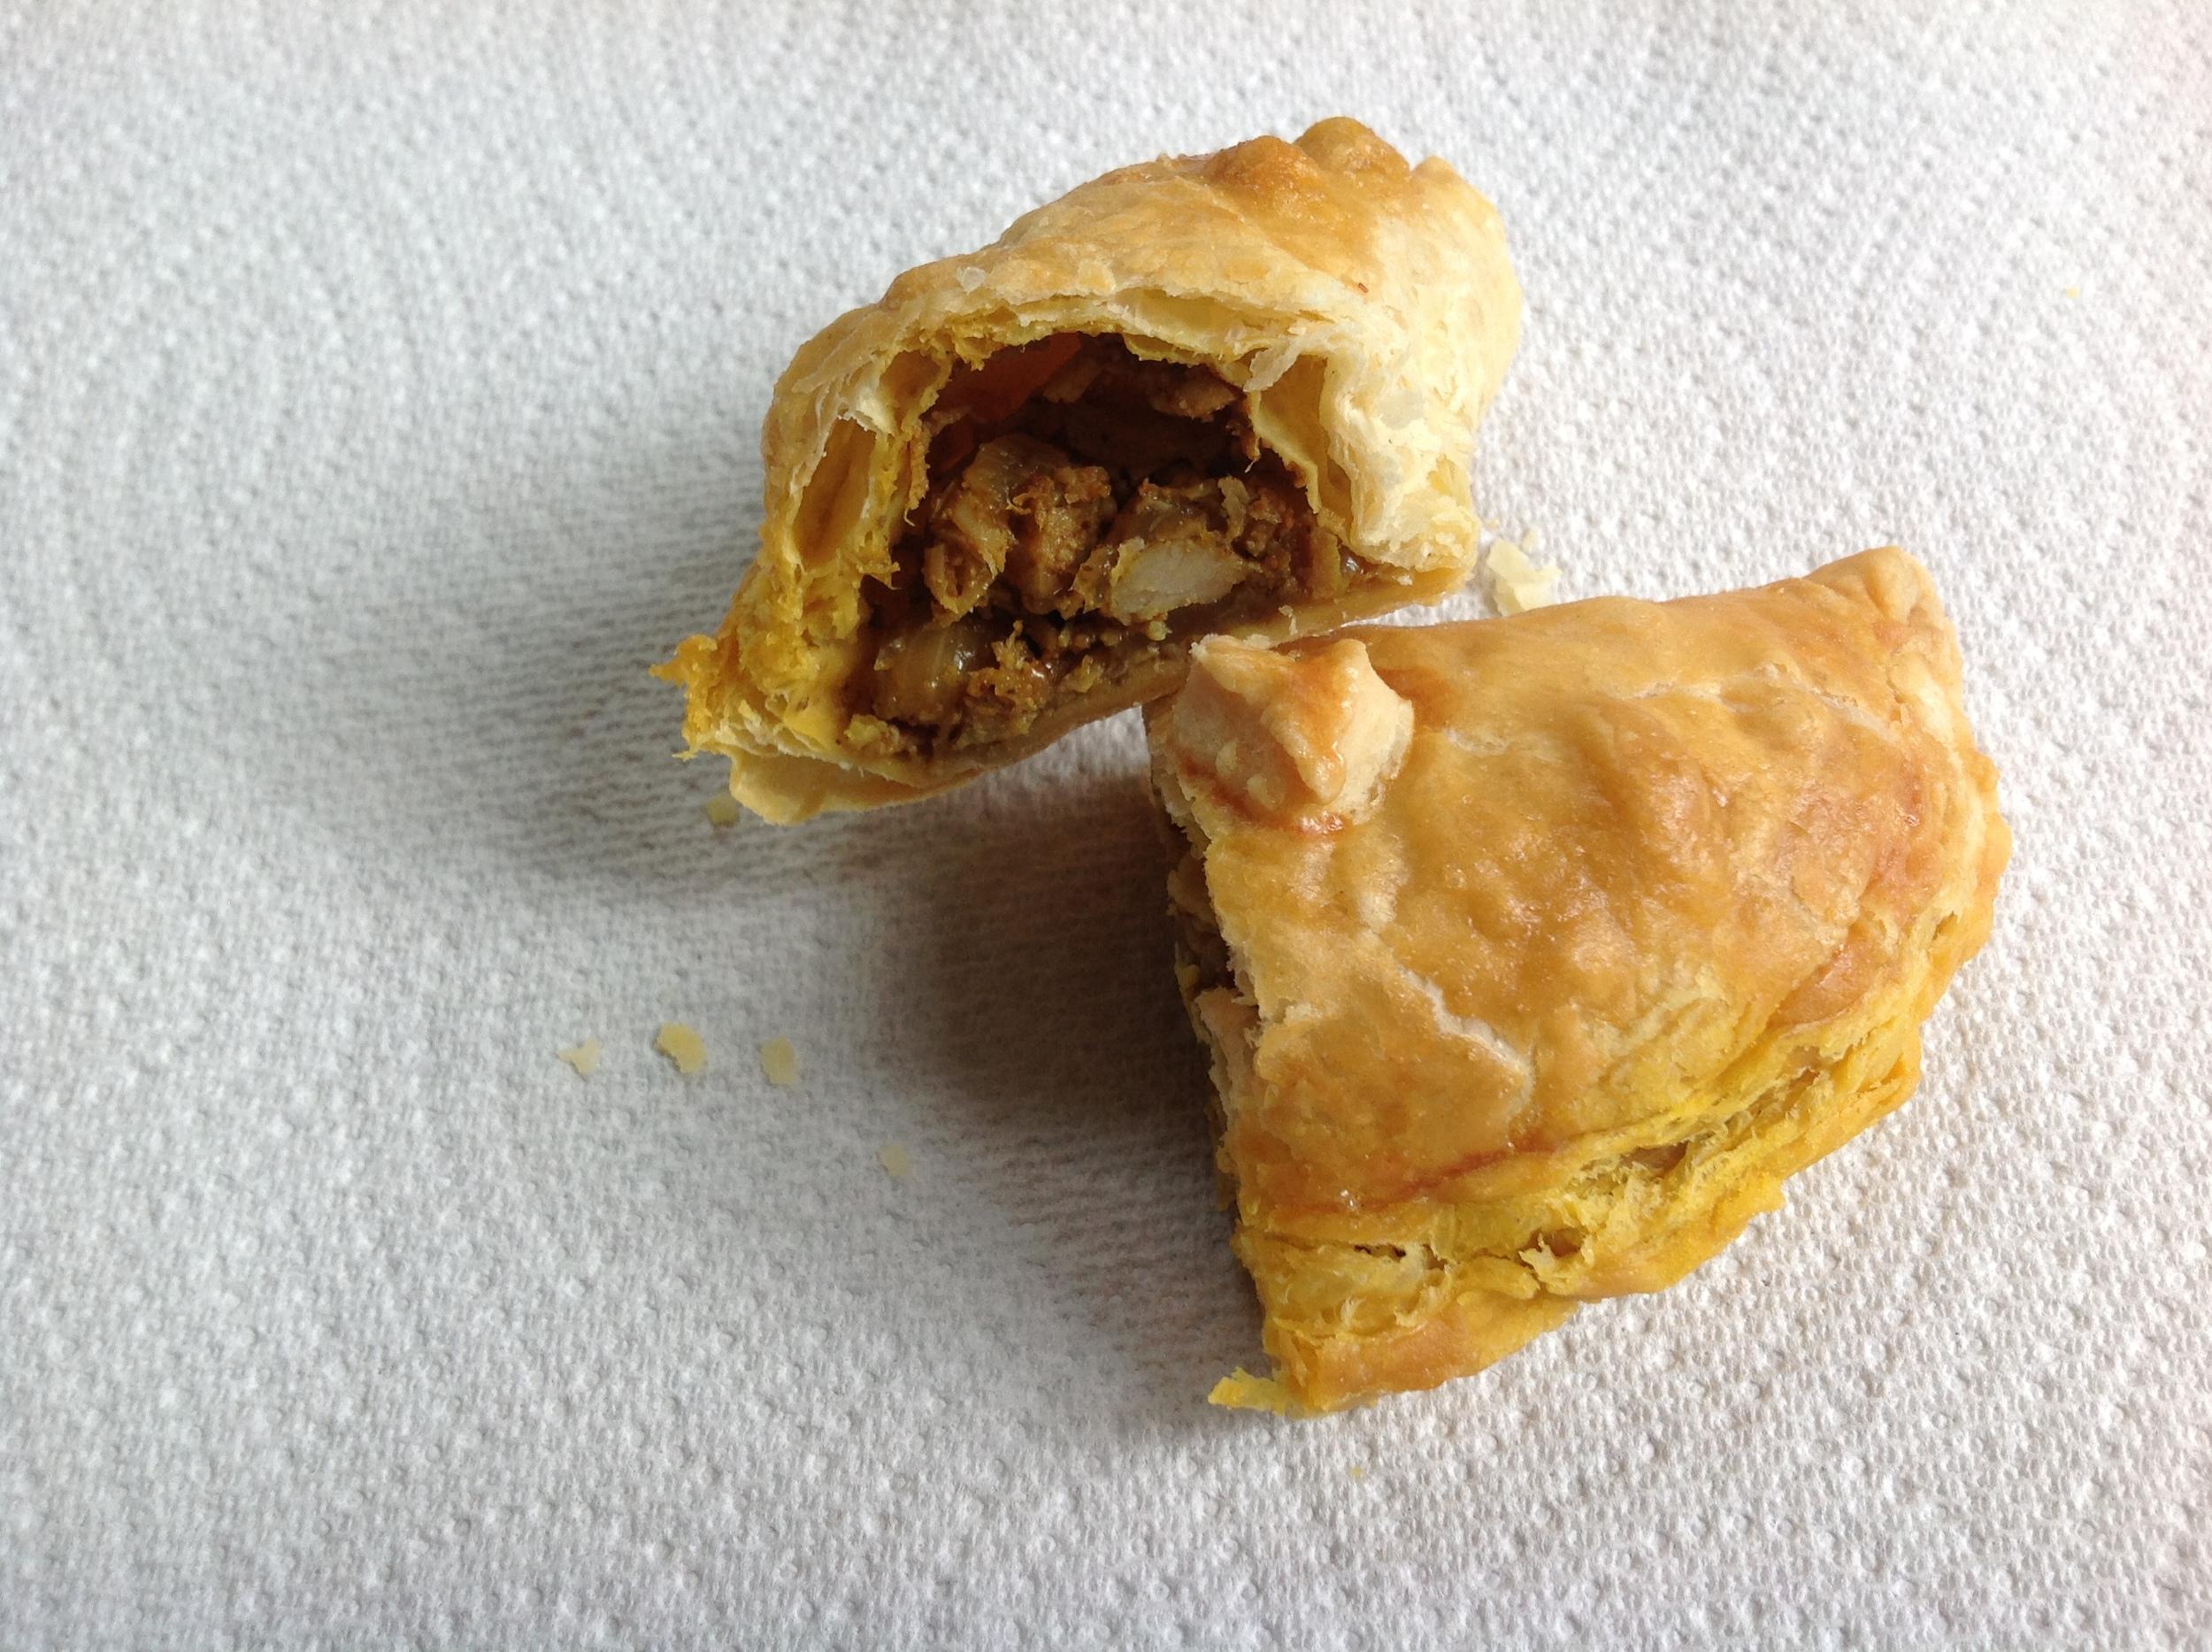 curry puff (open).jpg